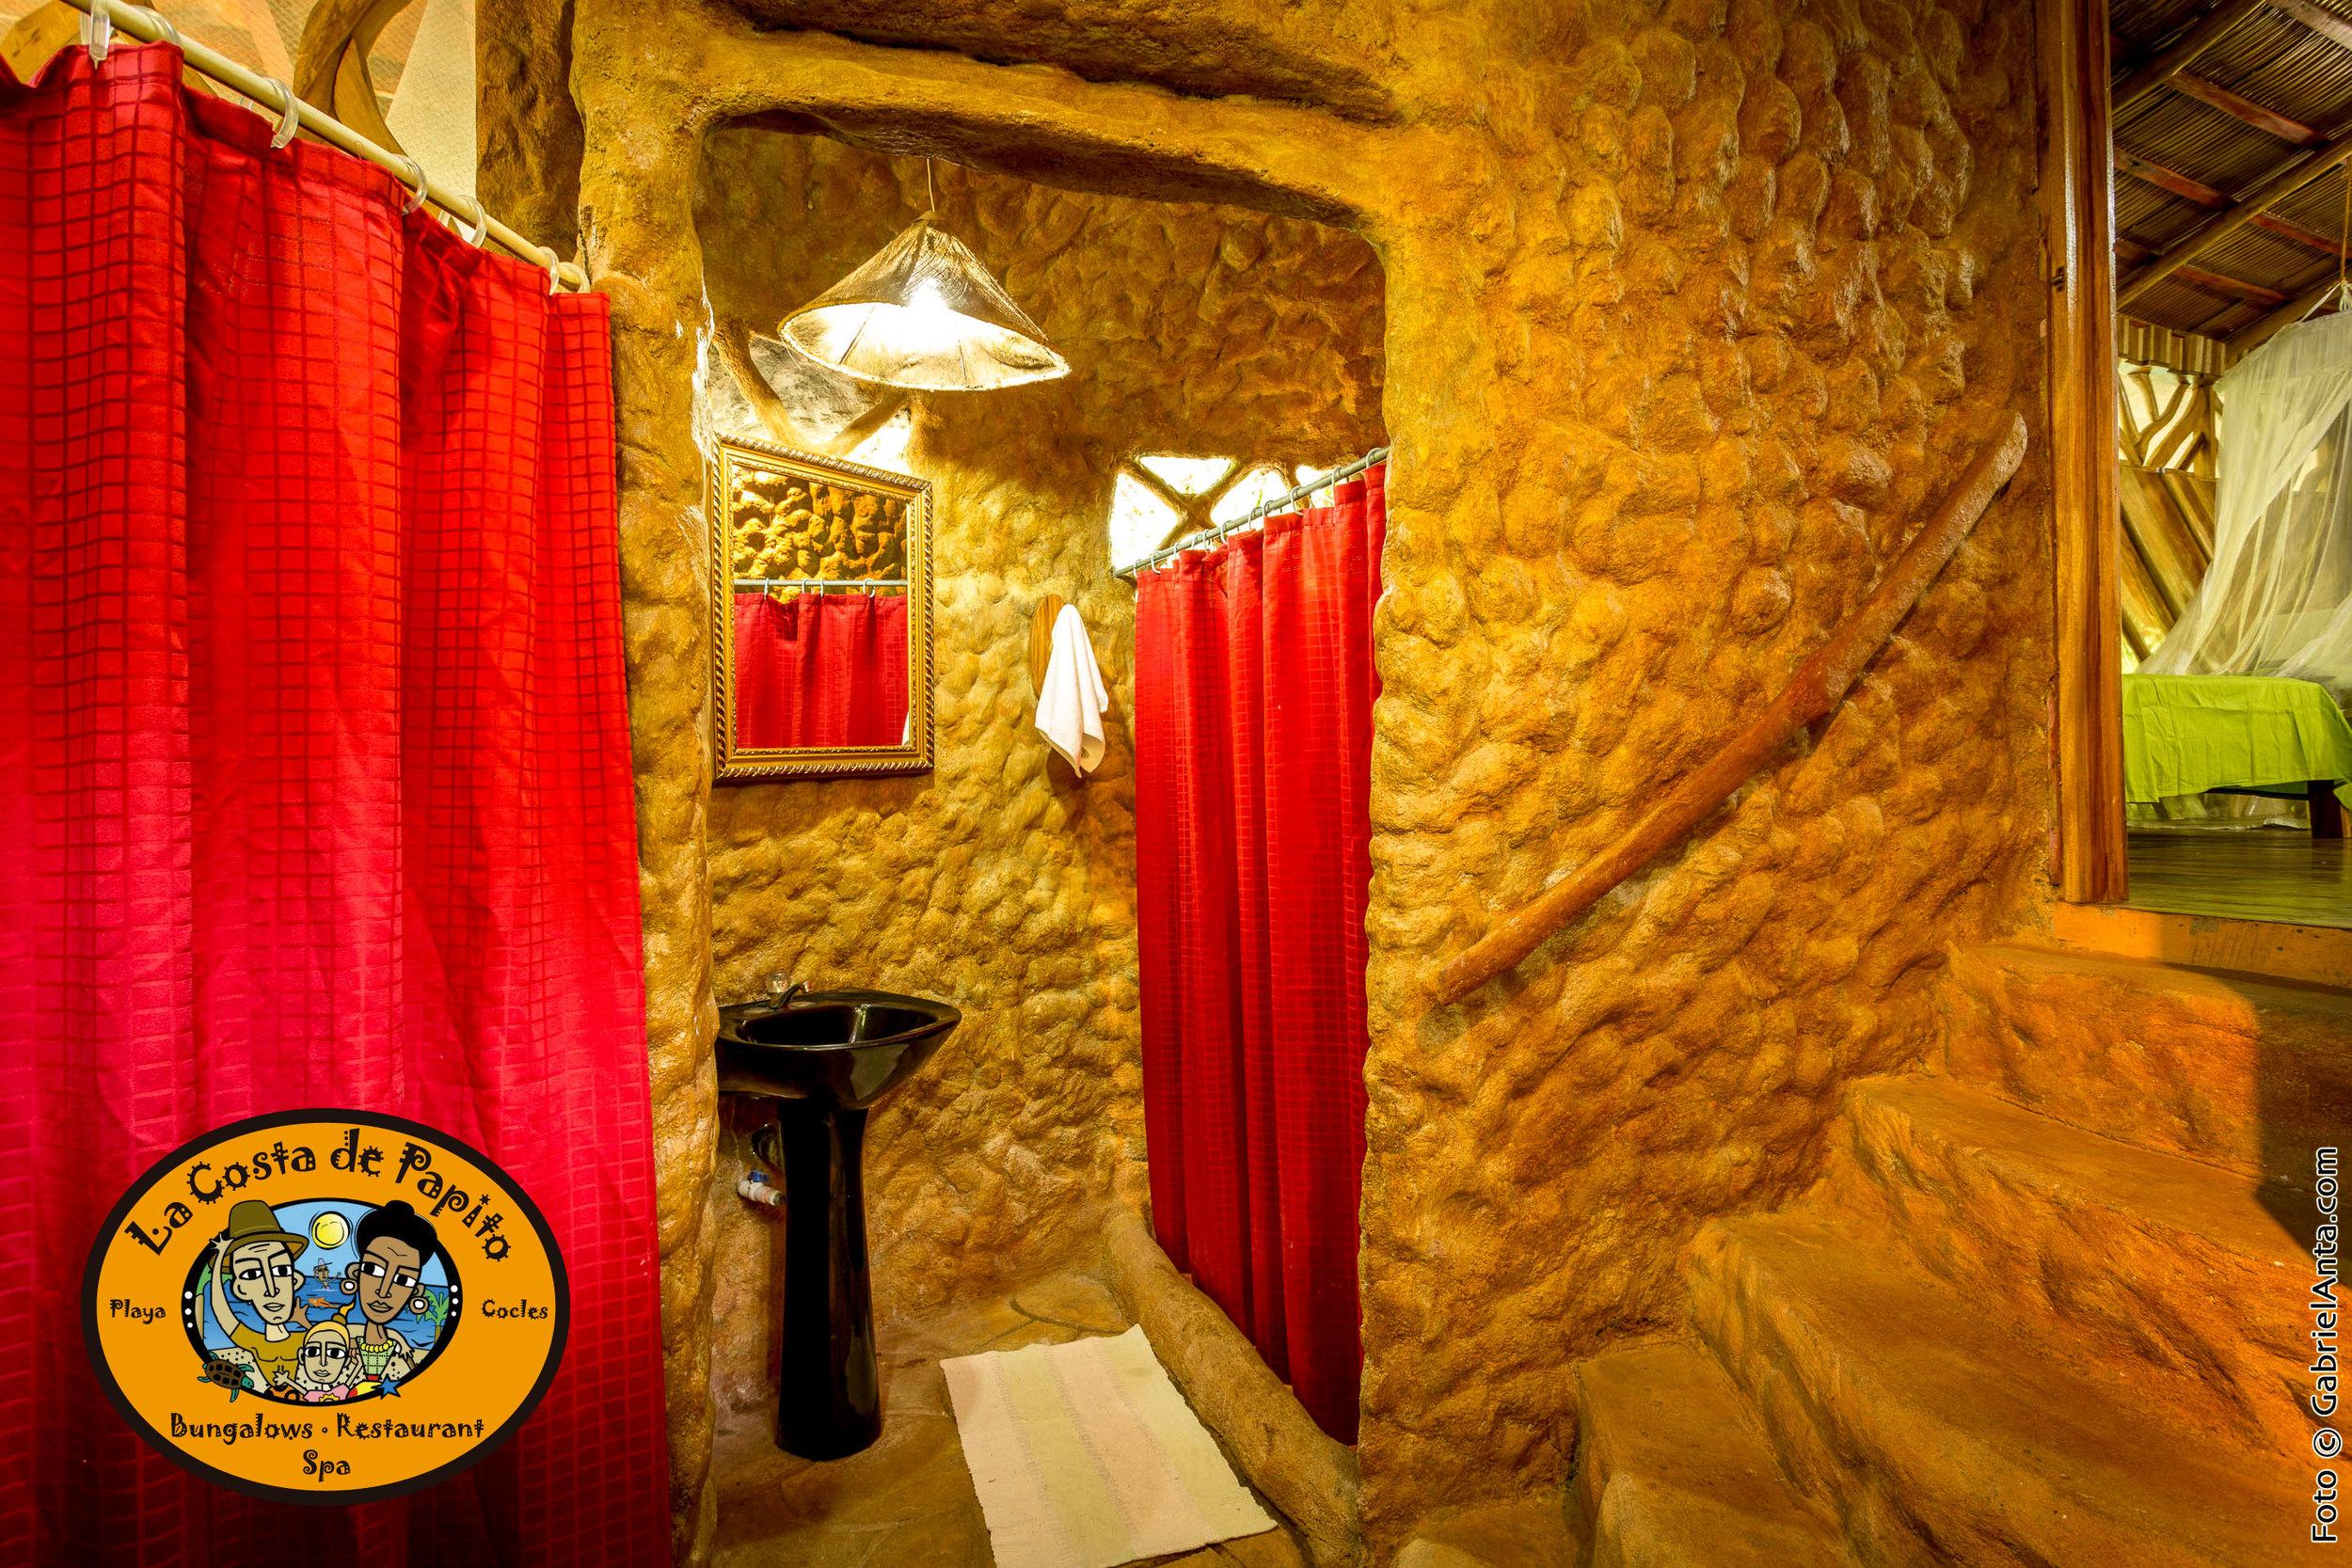 costa-de-papito-bathroom.jpg